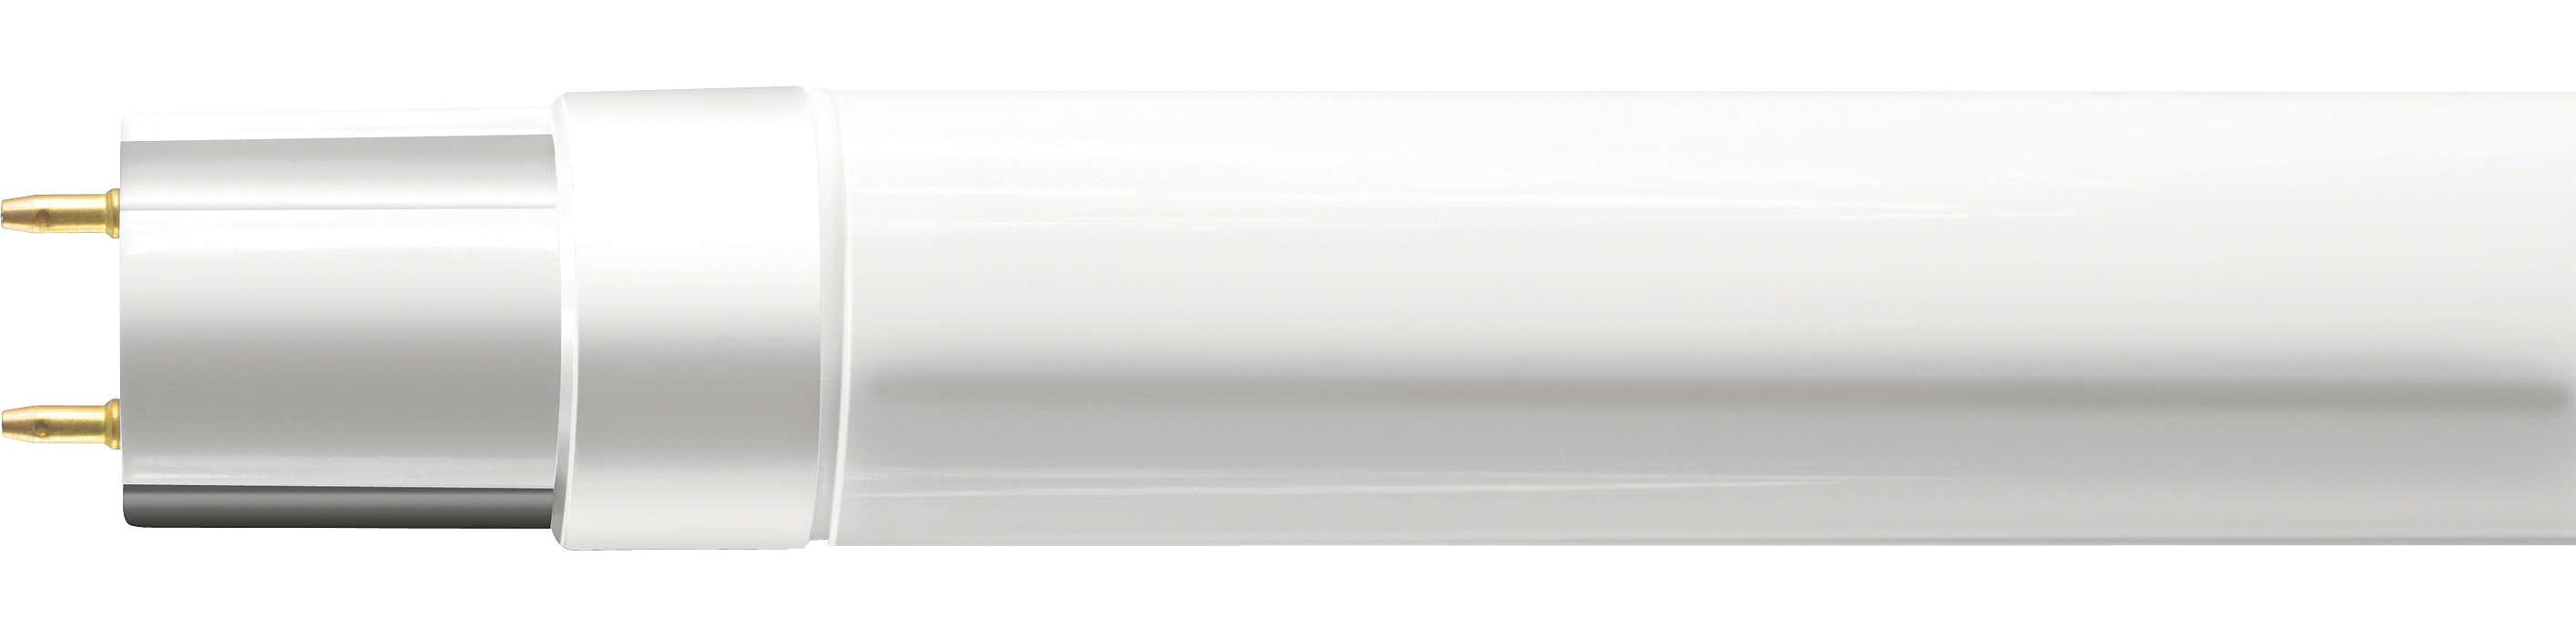 Cenově dostupné řešení LED